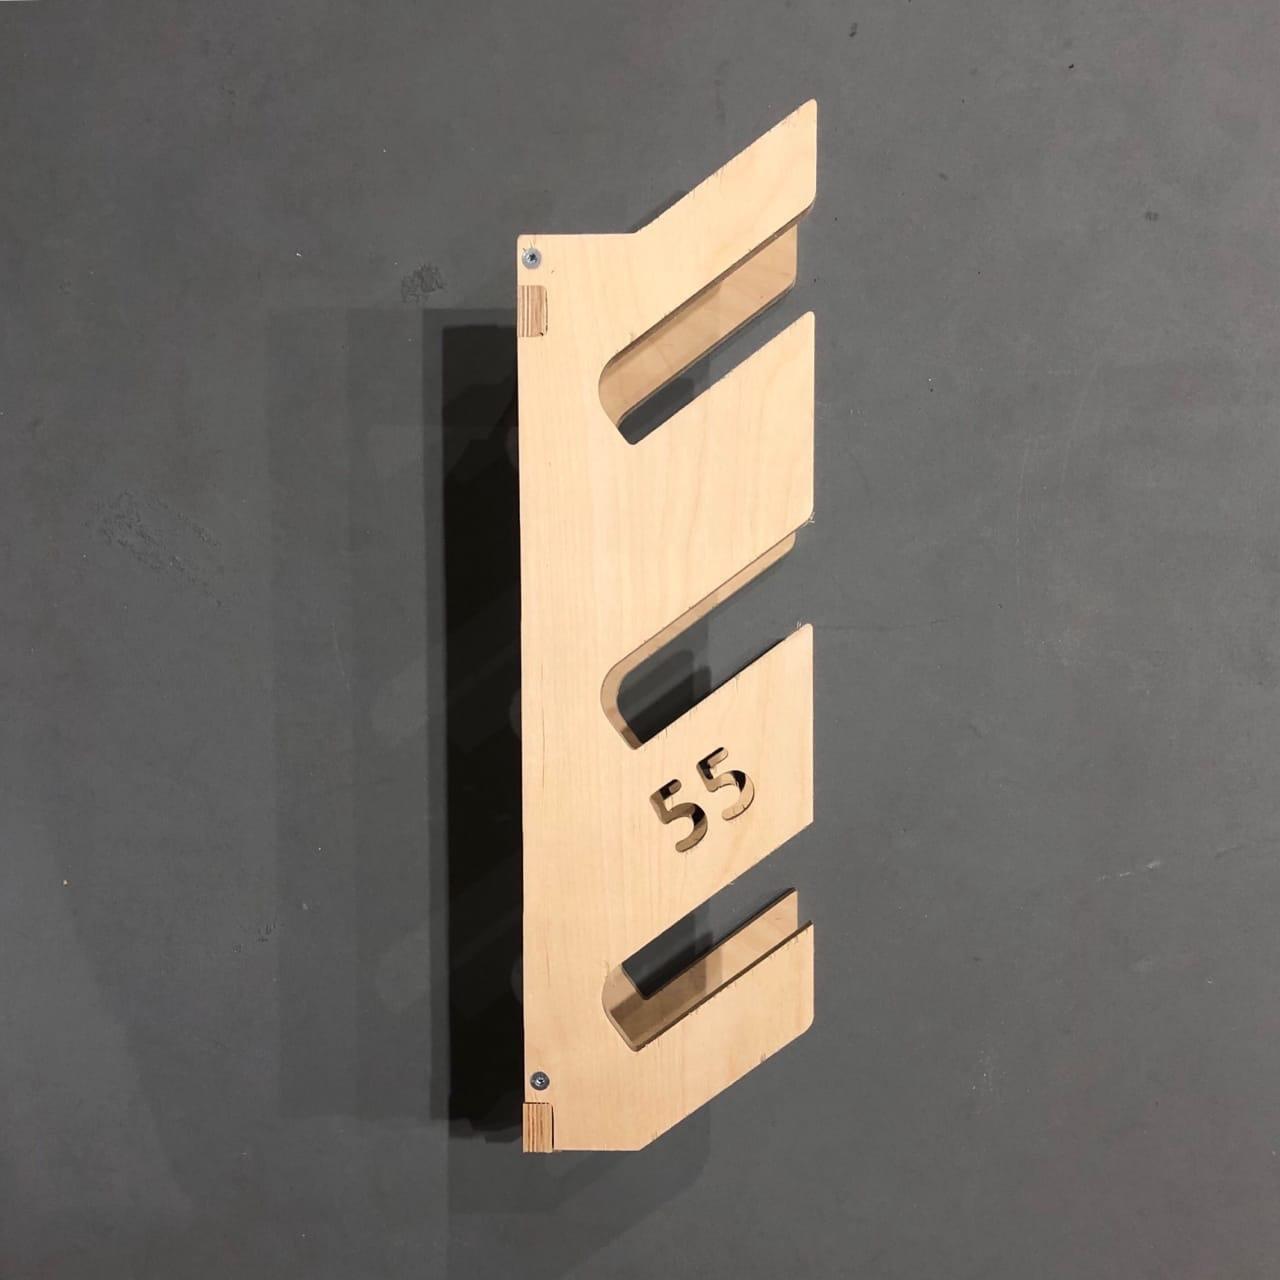 Крепеж настенный для трех дек 55